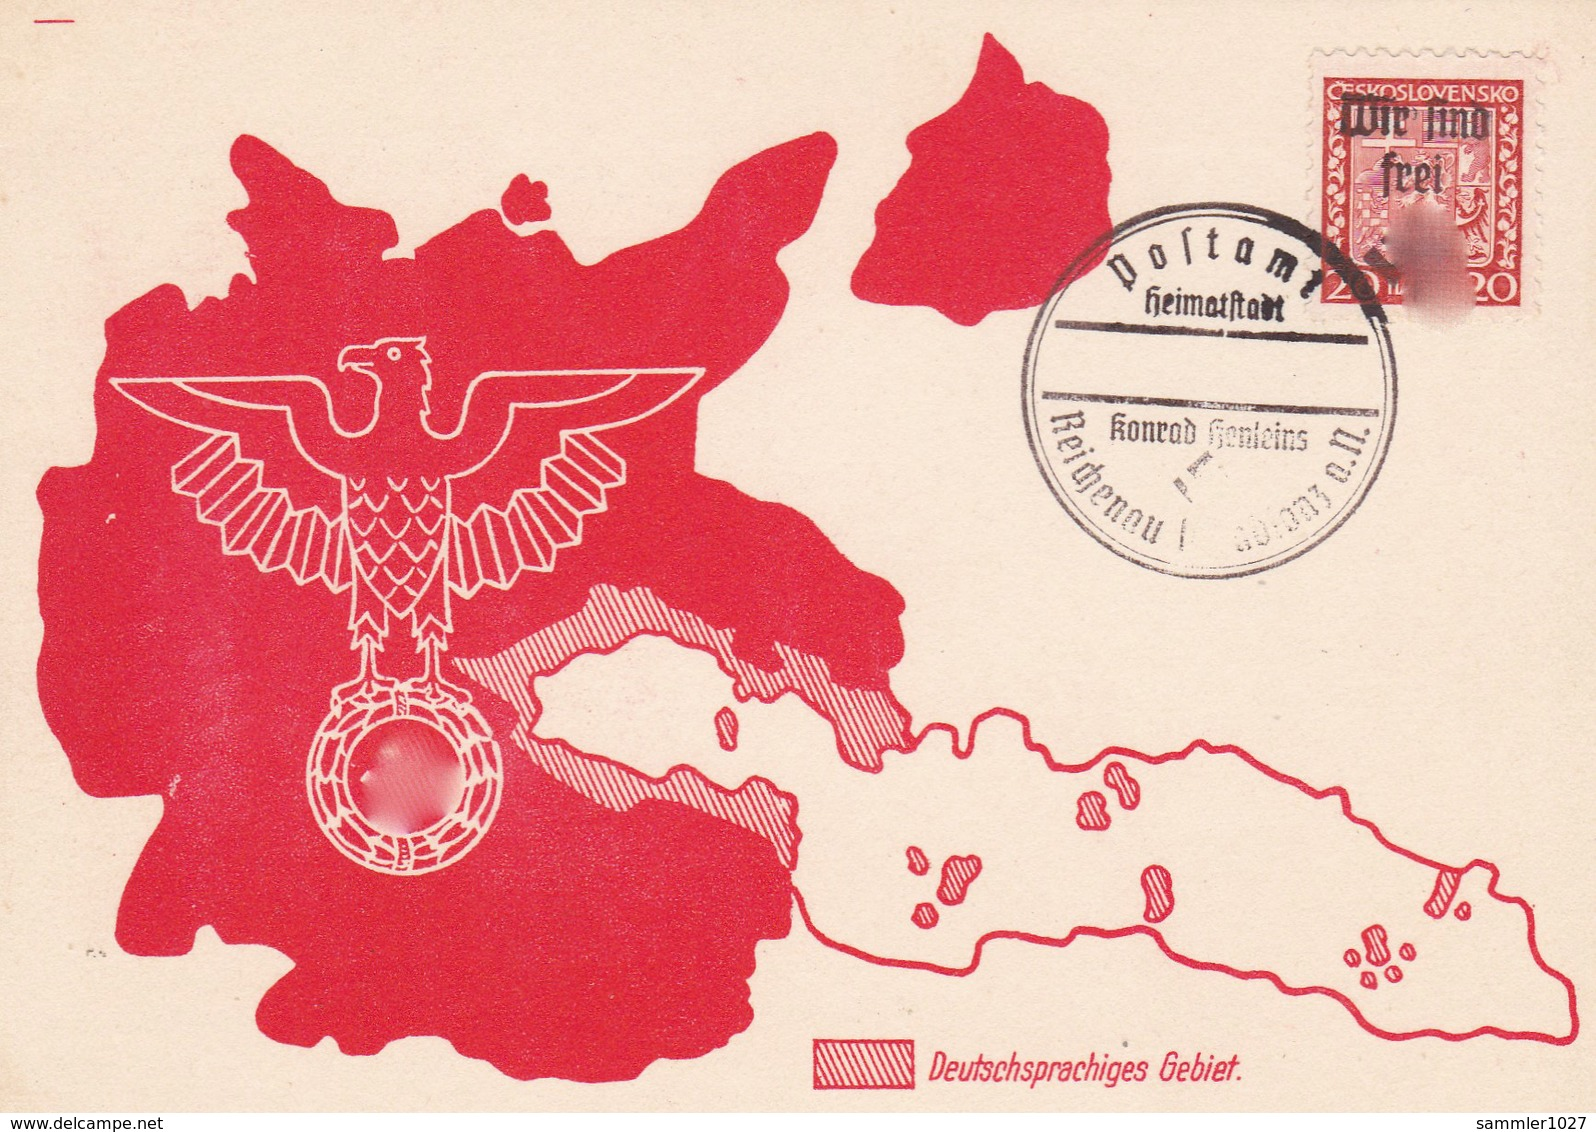 Böhmen Und Mähren Sammlerkarte Aus Reichenau  - Sudeten 1938 - Böhmen Und Mähren